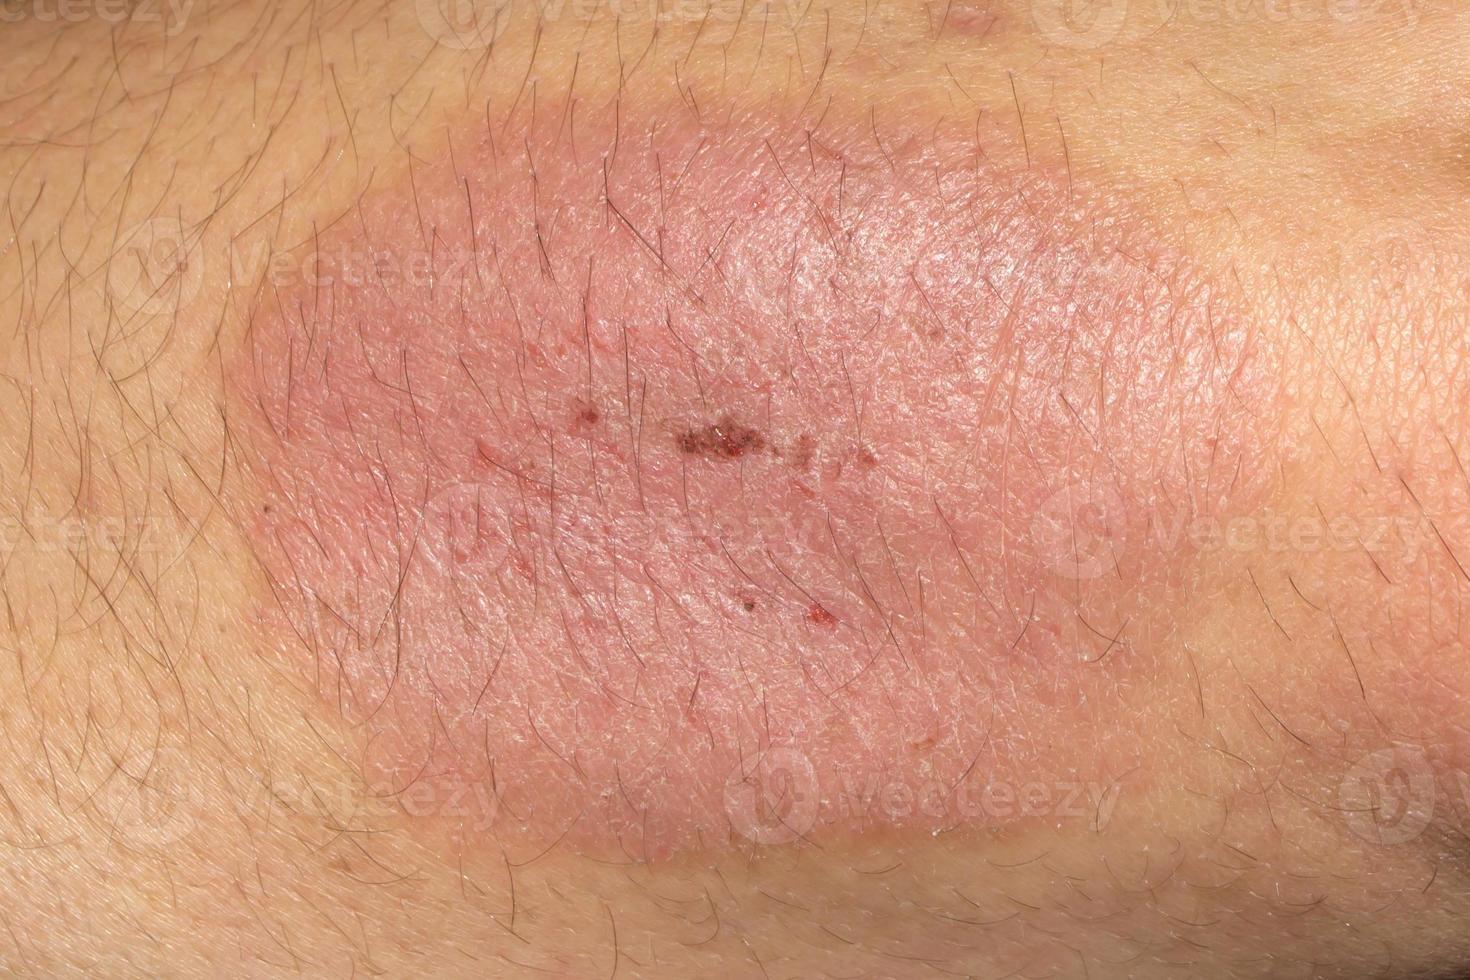 Psoriasis Ellenbogen foto